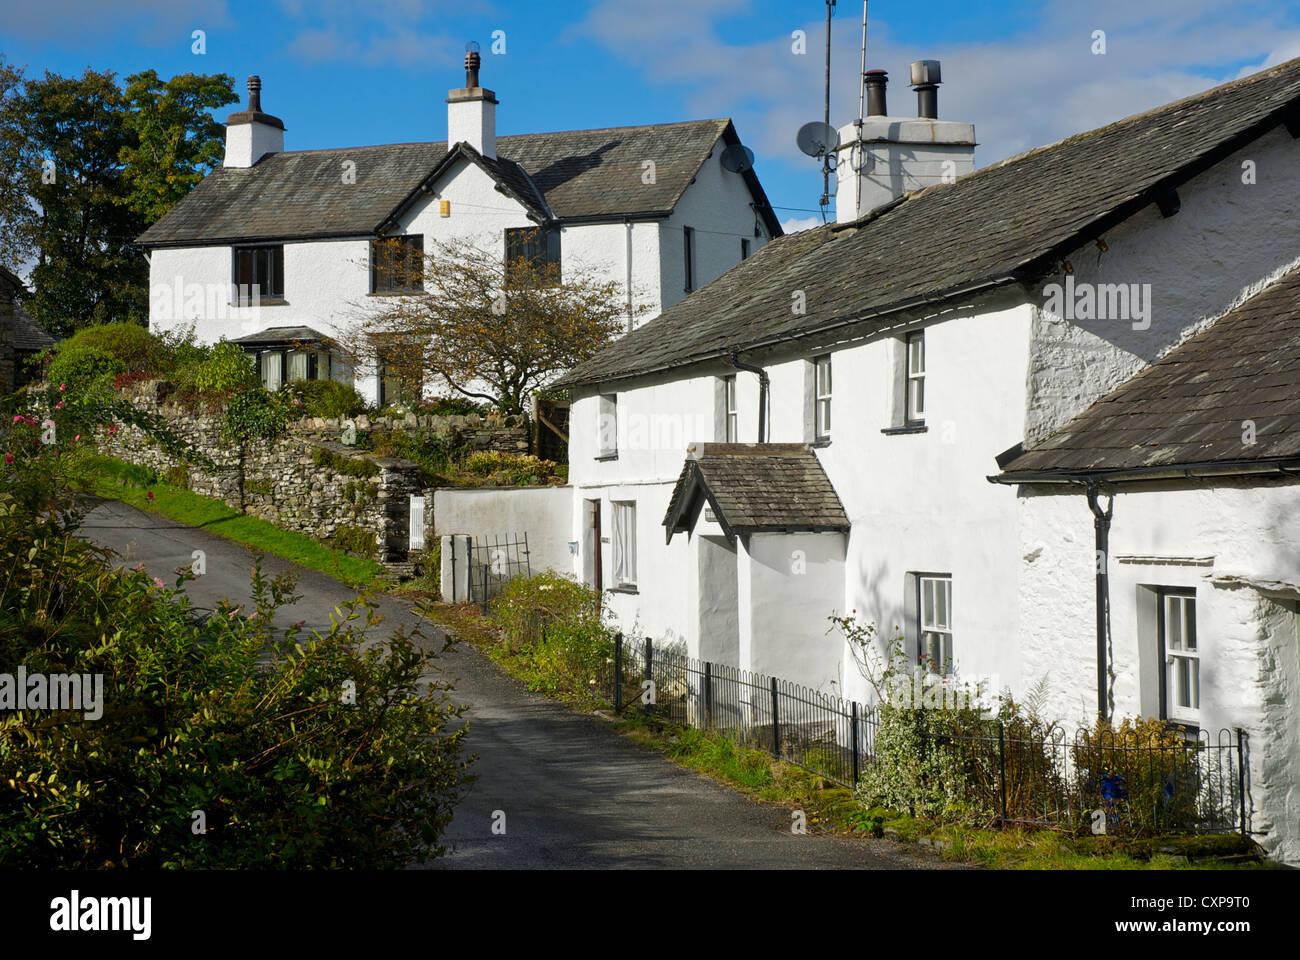 Skelwith Fold, South Lakeland, Lake District National Park, Cumbria, England UK - Stock Image